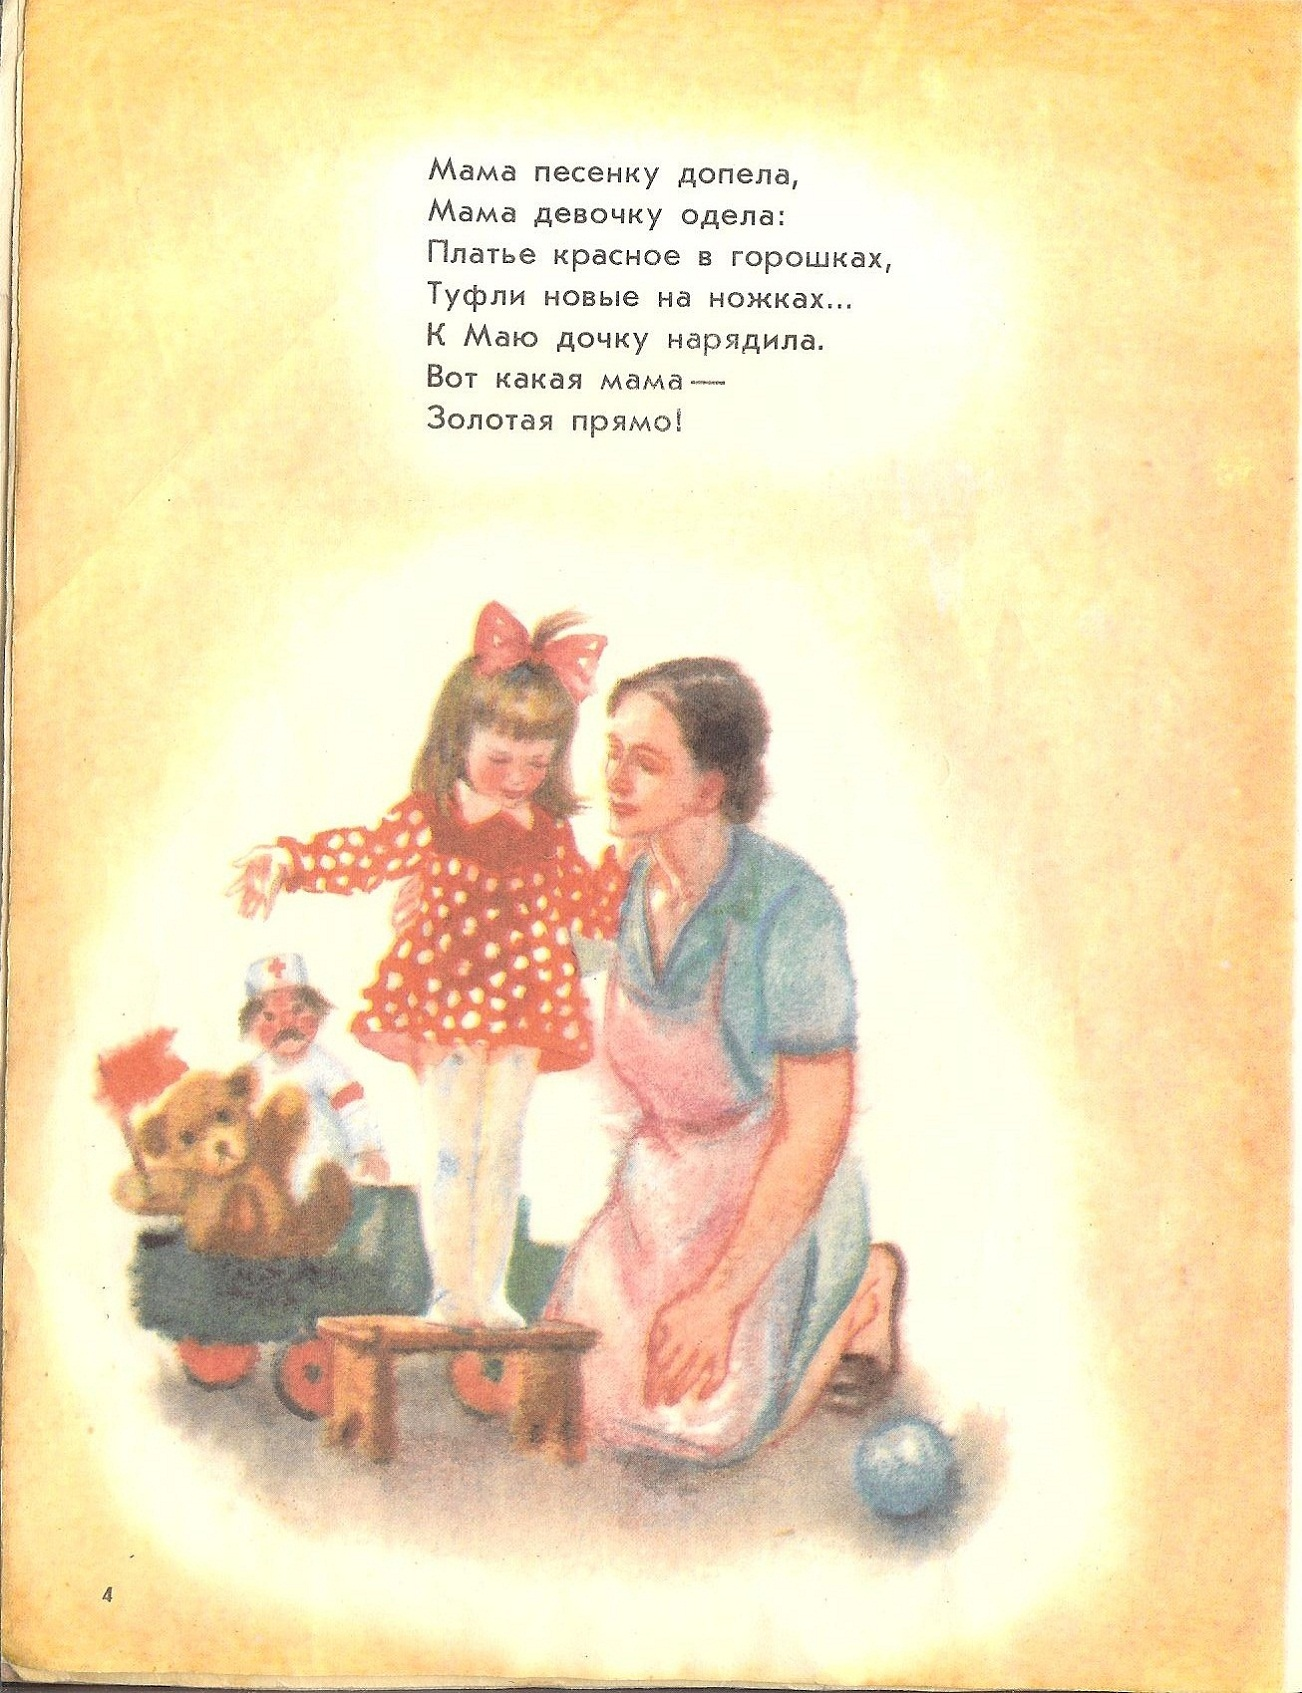 Каталог подарков и сувениров на торжество или праздник. - Ларес 26